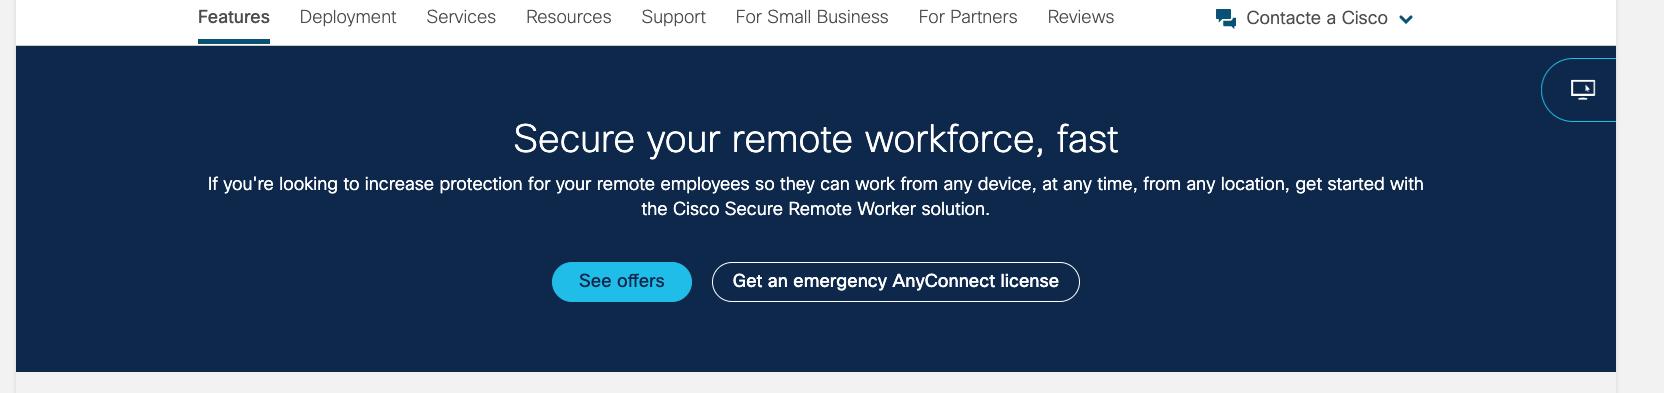 Seguridad de Cisco VPN